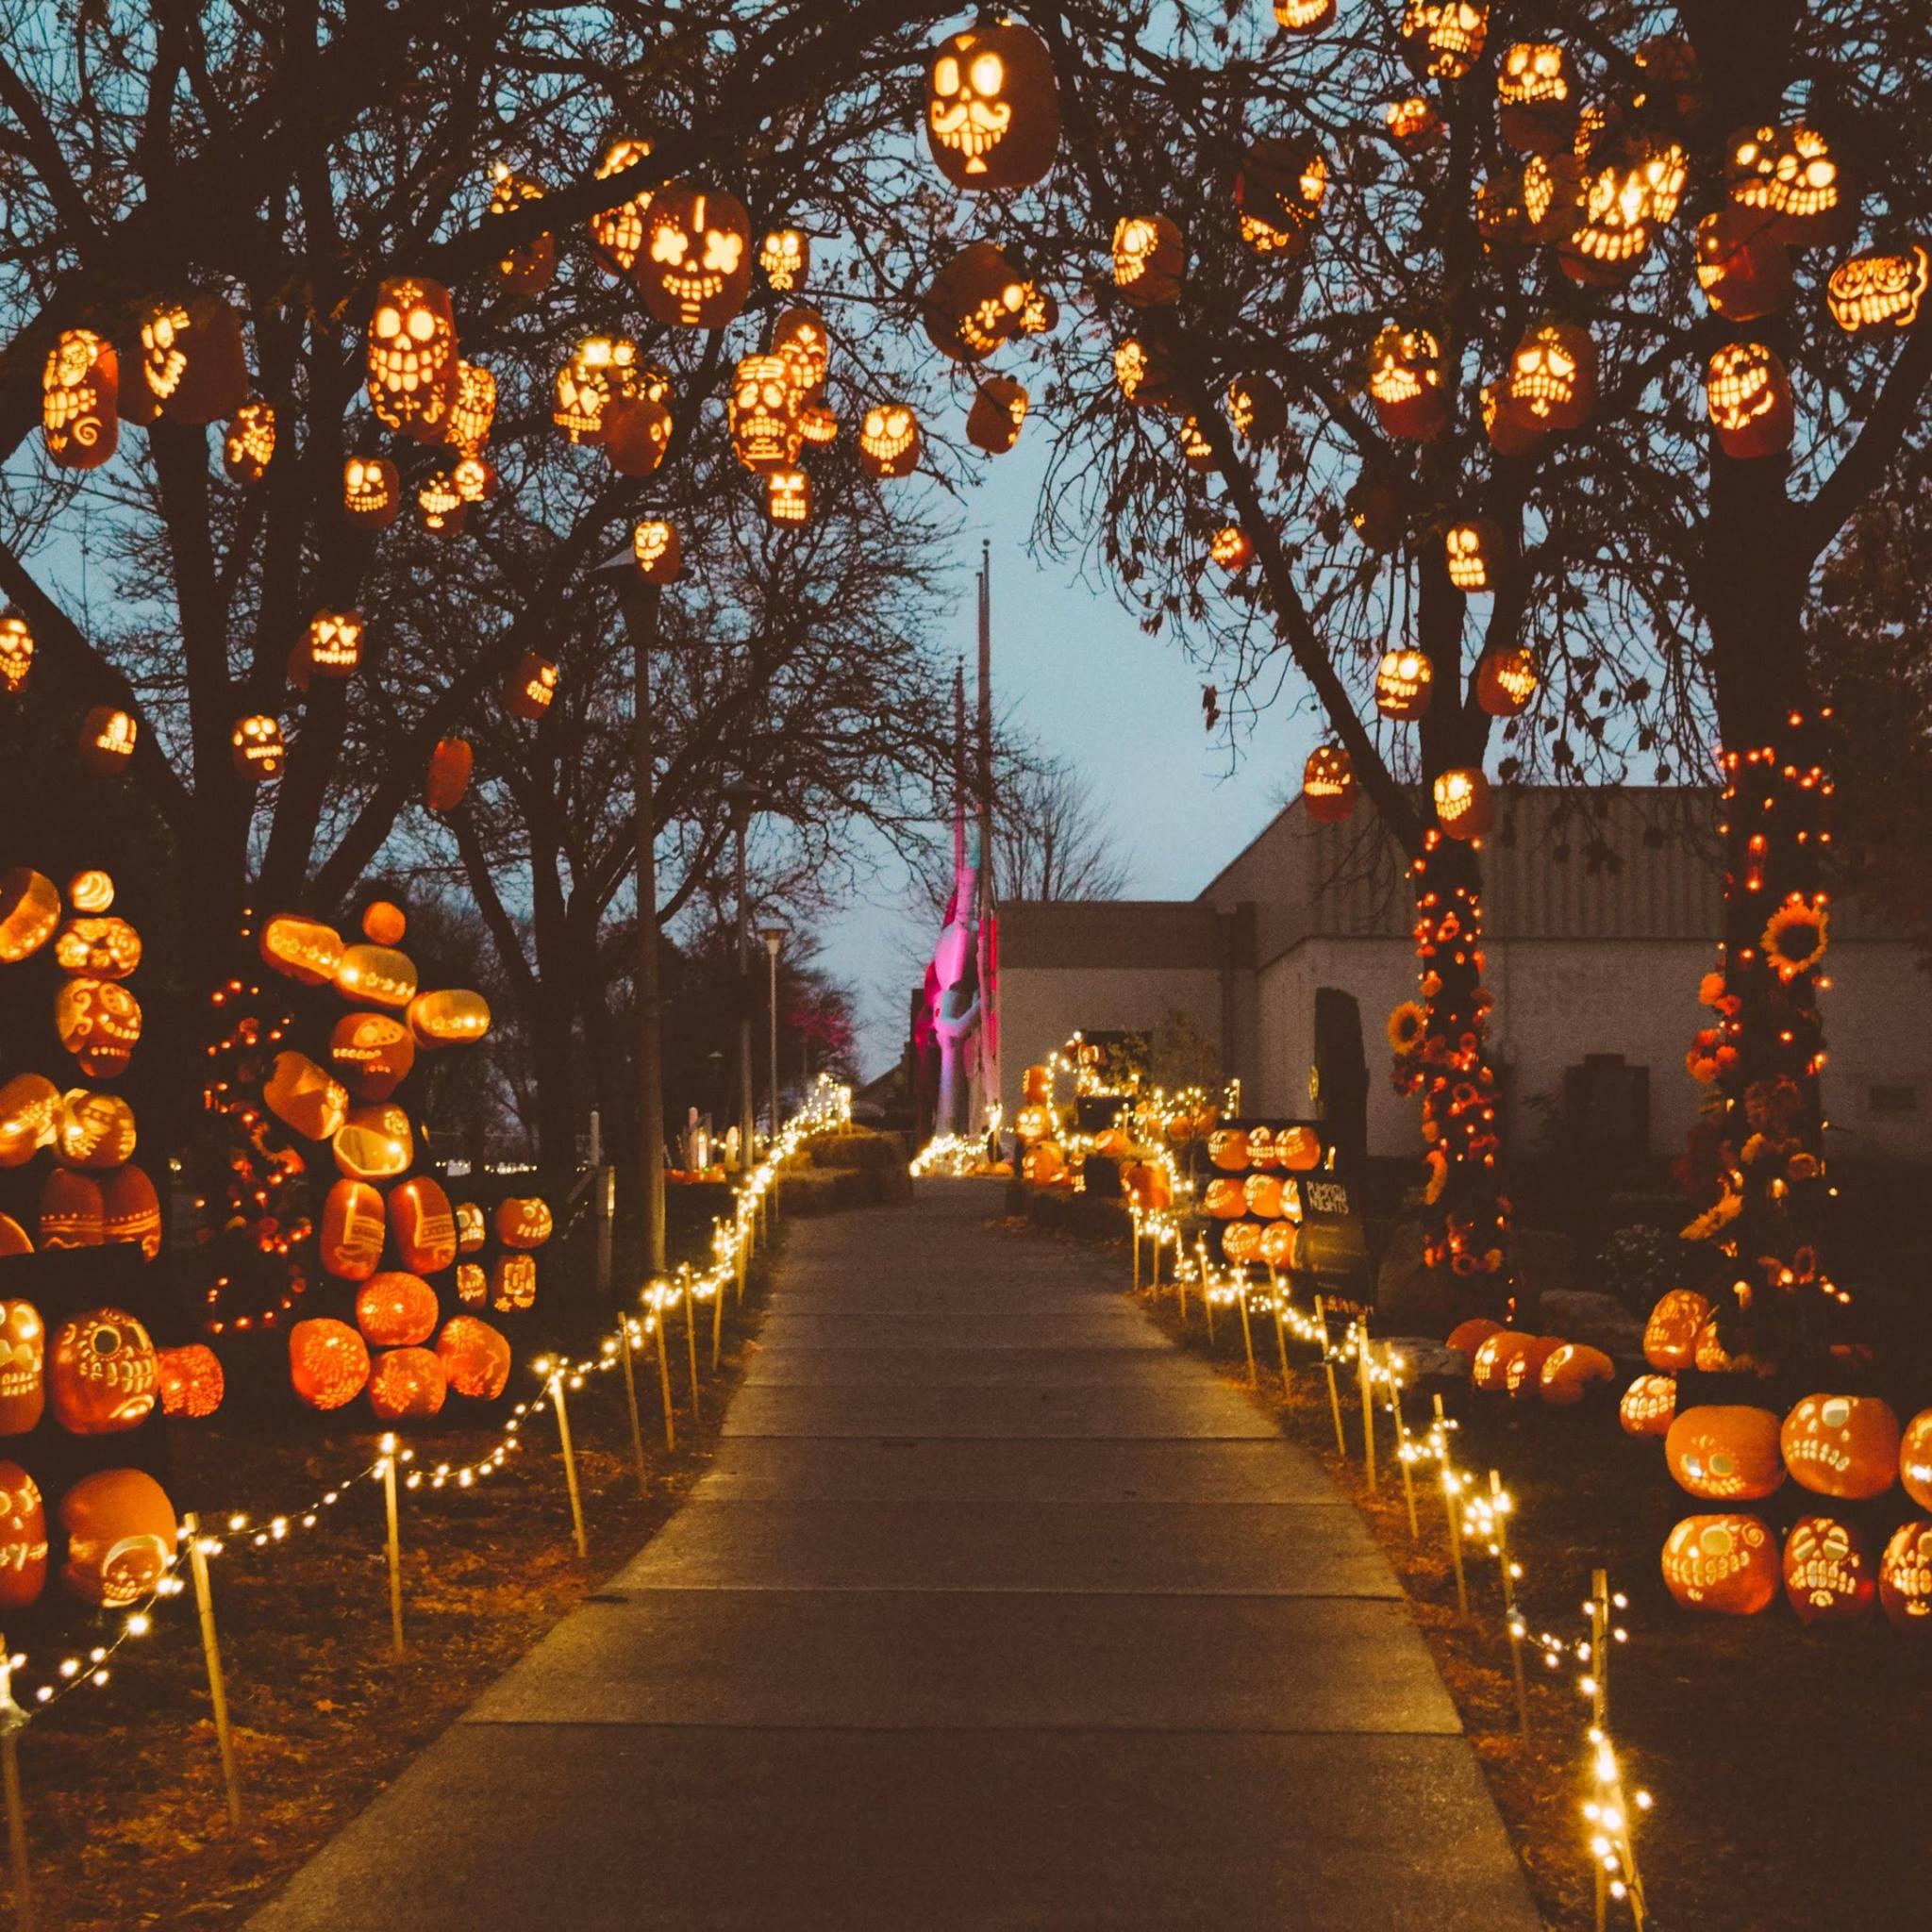 Fall Pumpkin Wallpaper Pumpkin Nights Is The Most Magical Halloween Event In